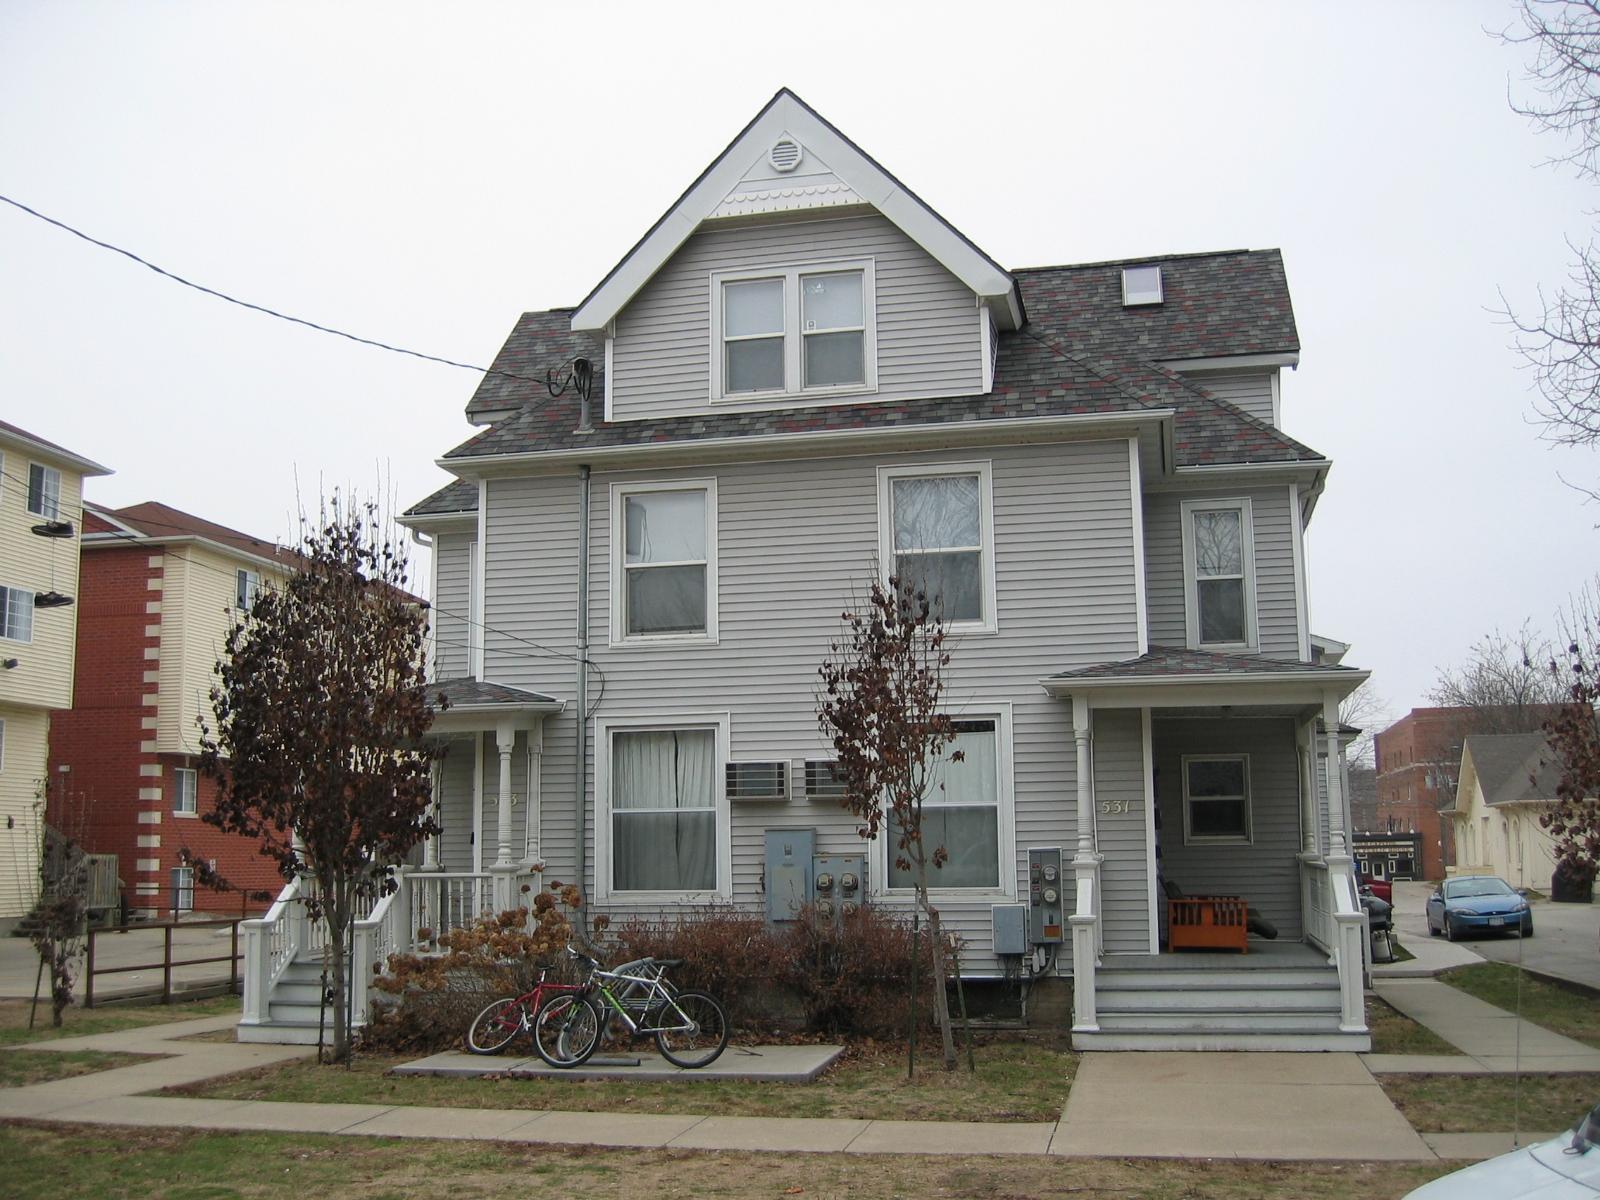 533 S Van Buren St – Townhouse #2